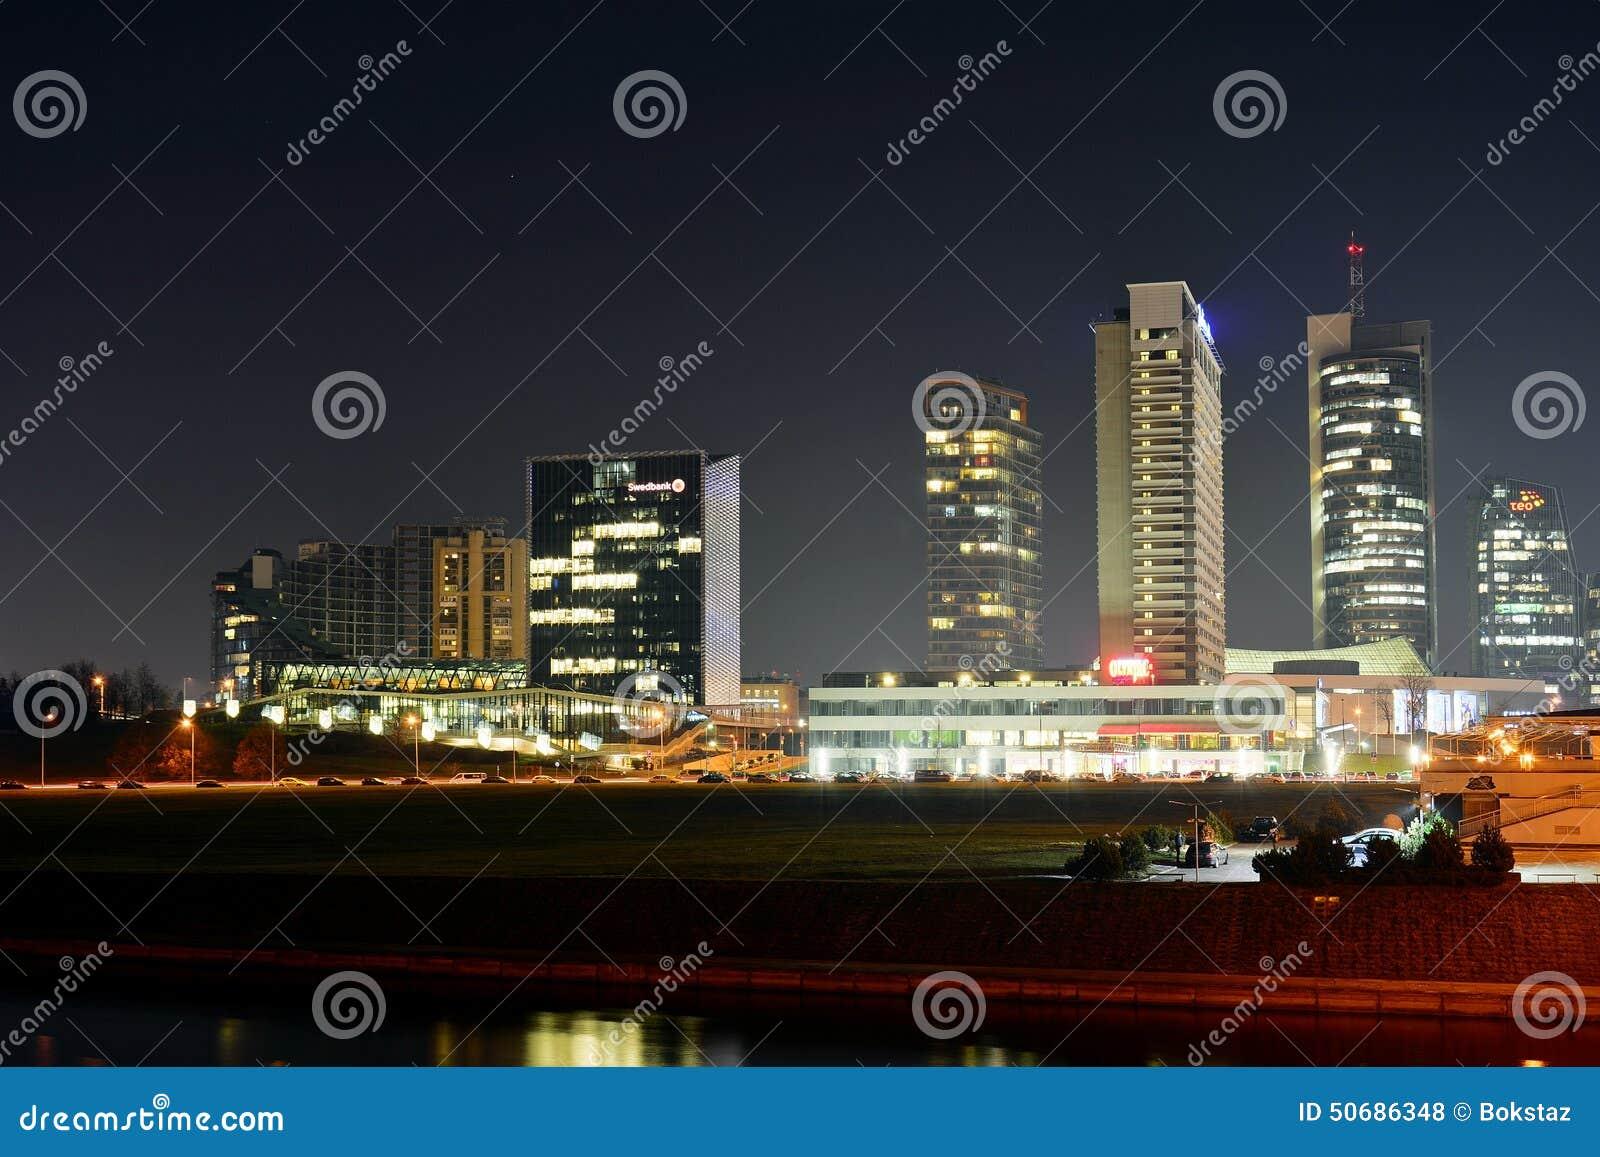 Download 维尔纽斯时间全景的冬天摩天大楼 编辑类库存照片. 图片 包括有 设计, 天空, 属性, 地平线, 拱道, 地标 - 50686348